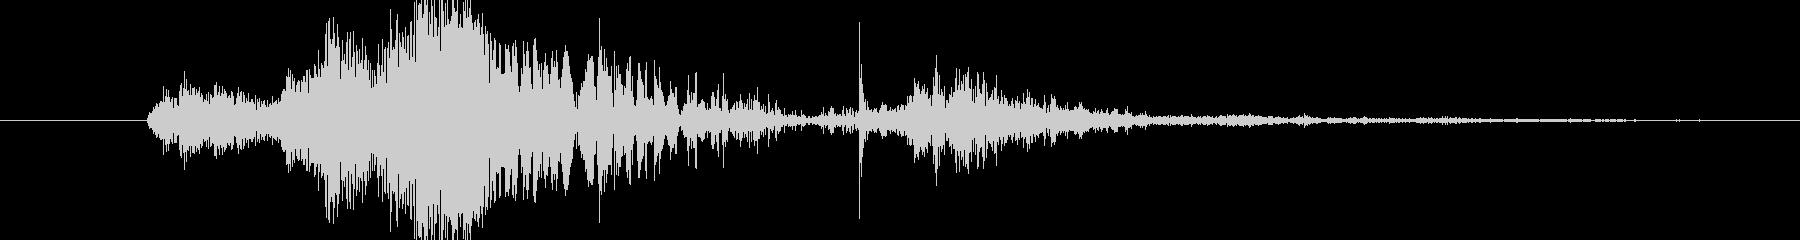 シックル ヒットスマッシュ02の未再生の波形